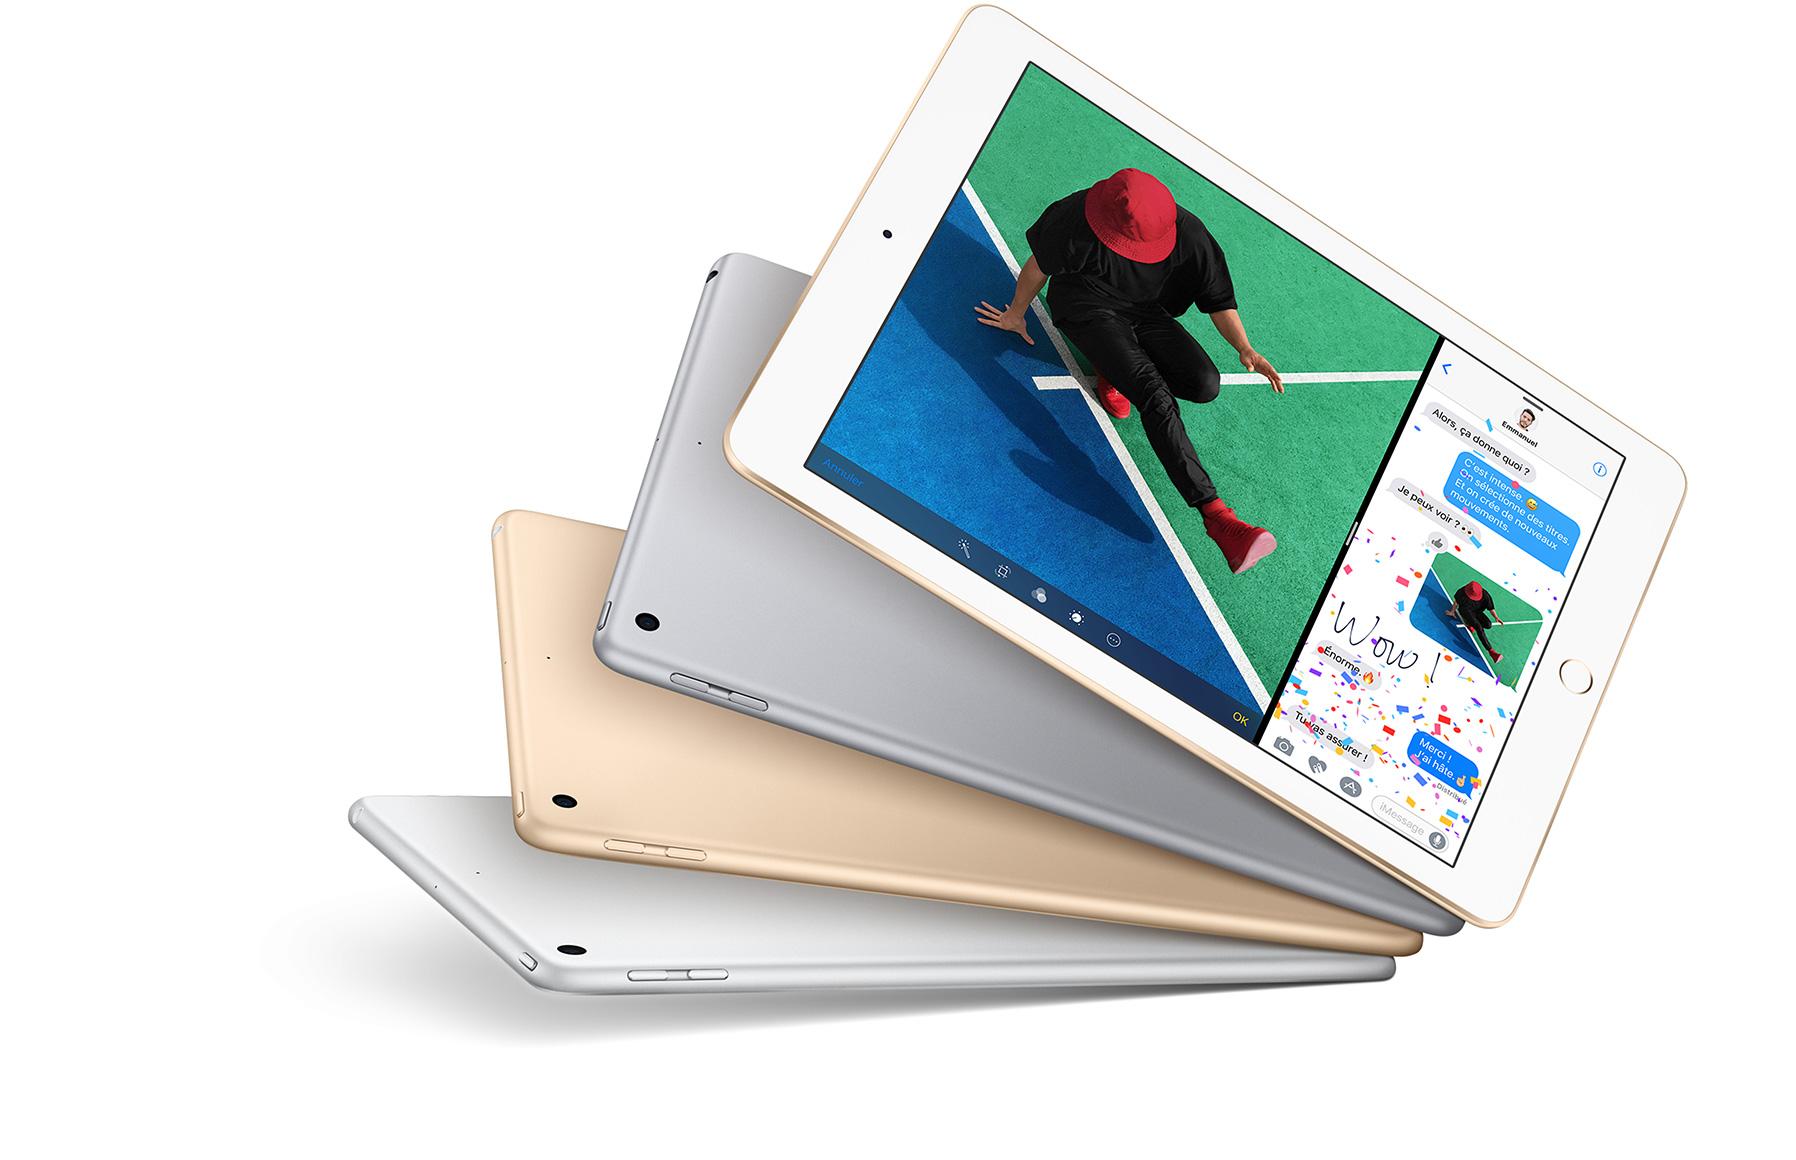 Le dernier iPad est un mélange entre l'Air 1, l'Air 2 et le Pro